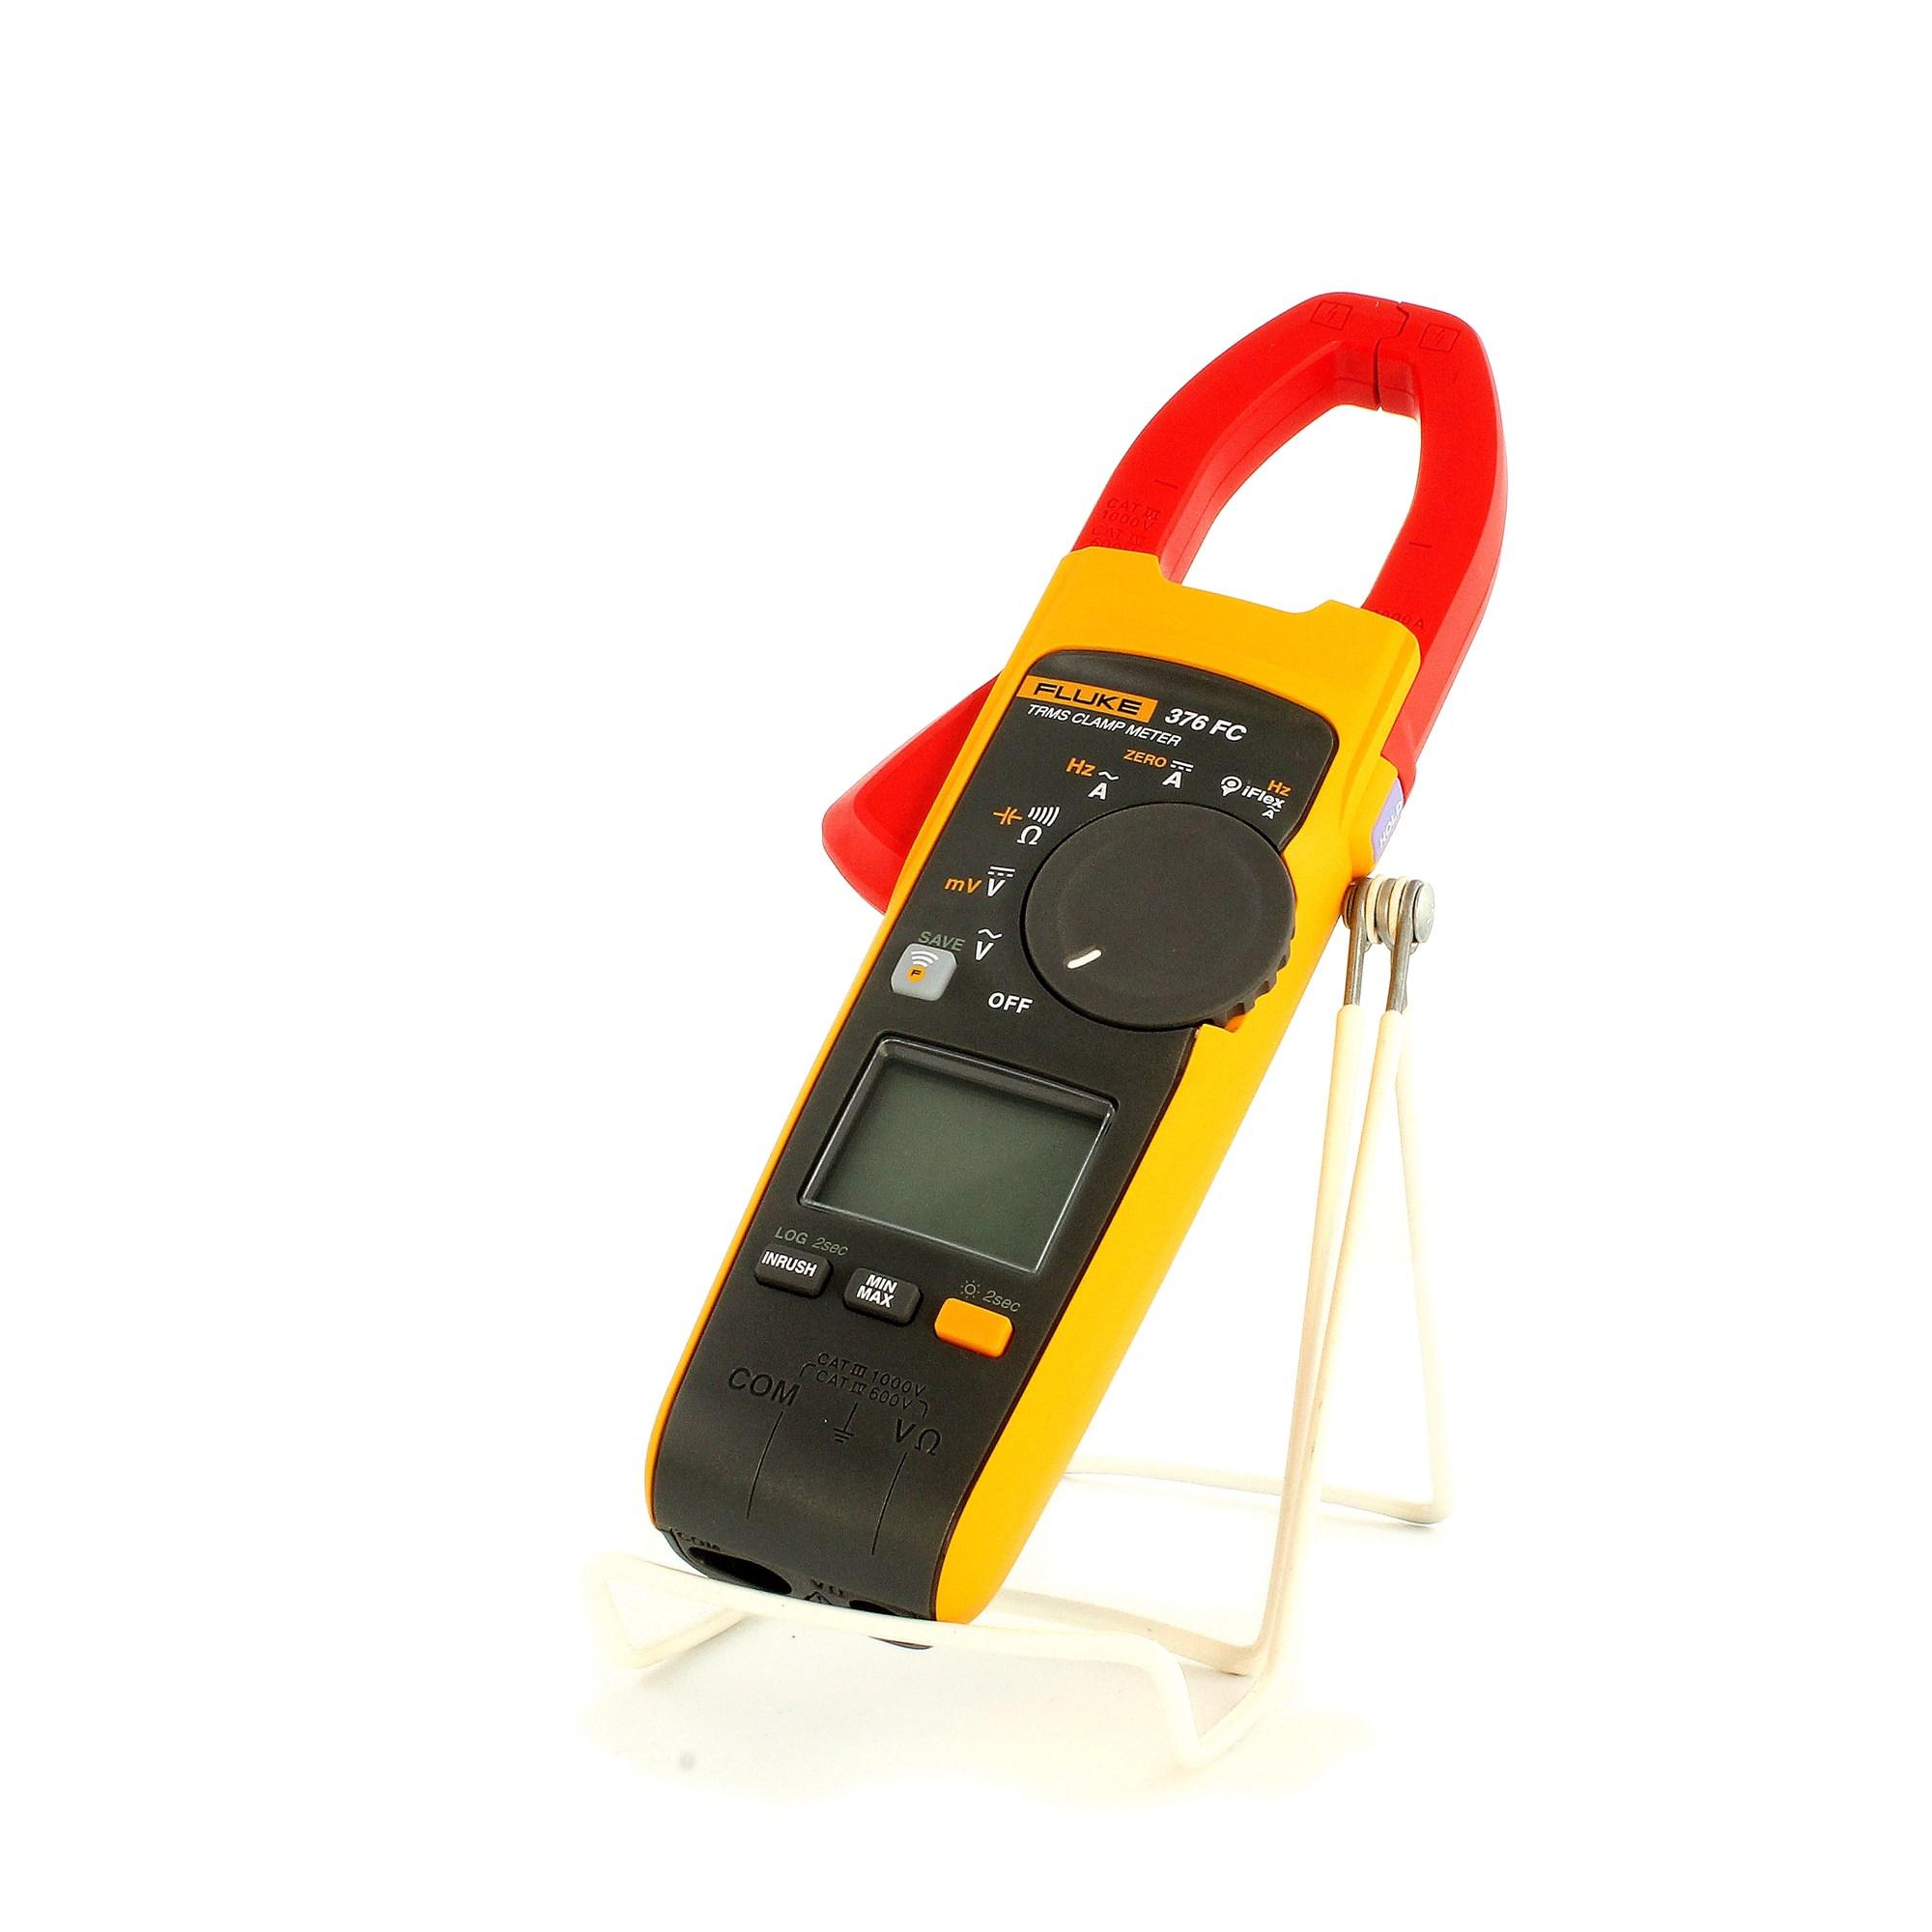 Fluke 376 FC | Product Reviews | TEquipment NET